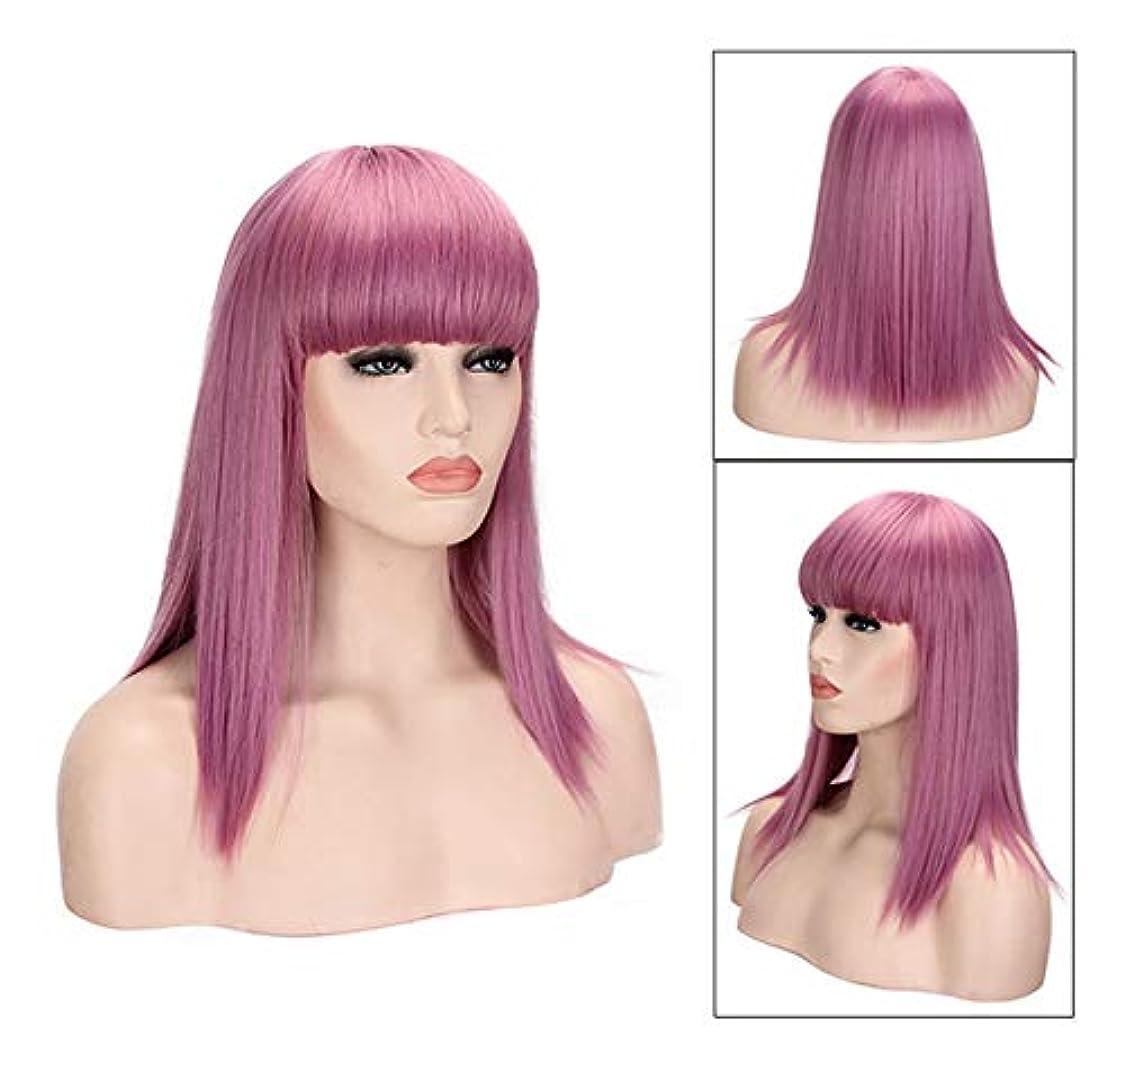 右複合以来女性用フルウィッグ、コスプレパーティーデイリードレスのヘアピースの前髪と自然なピンク合成ミディアムロングストレートの髪